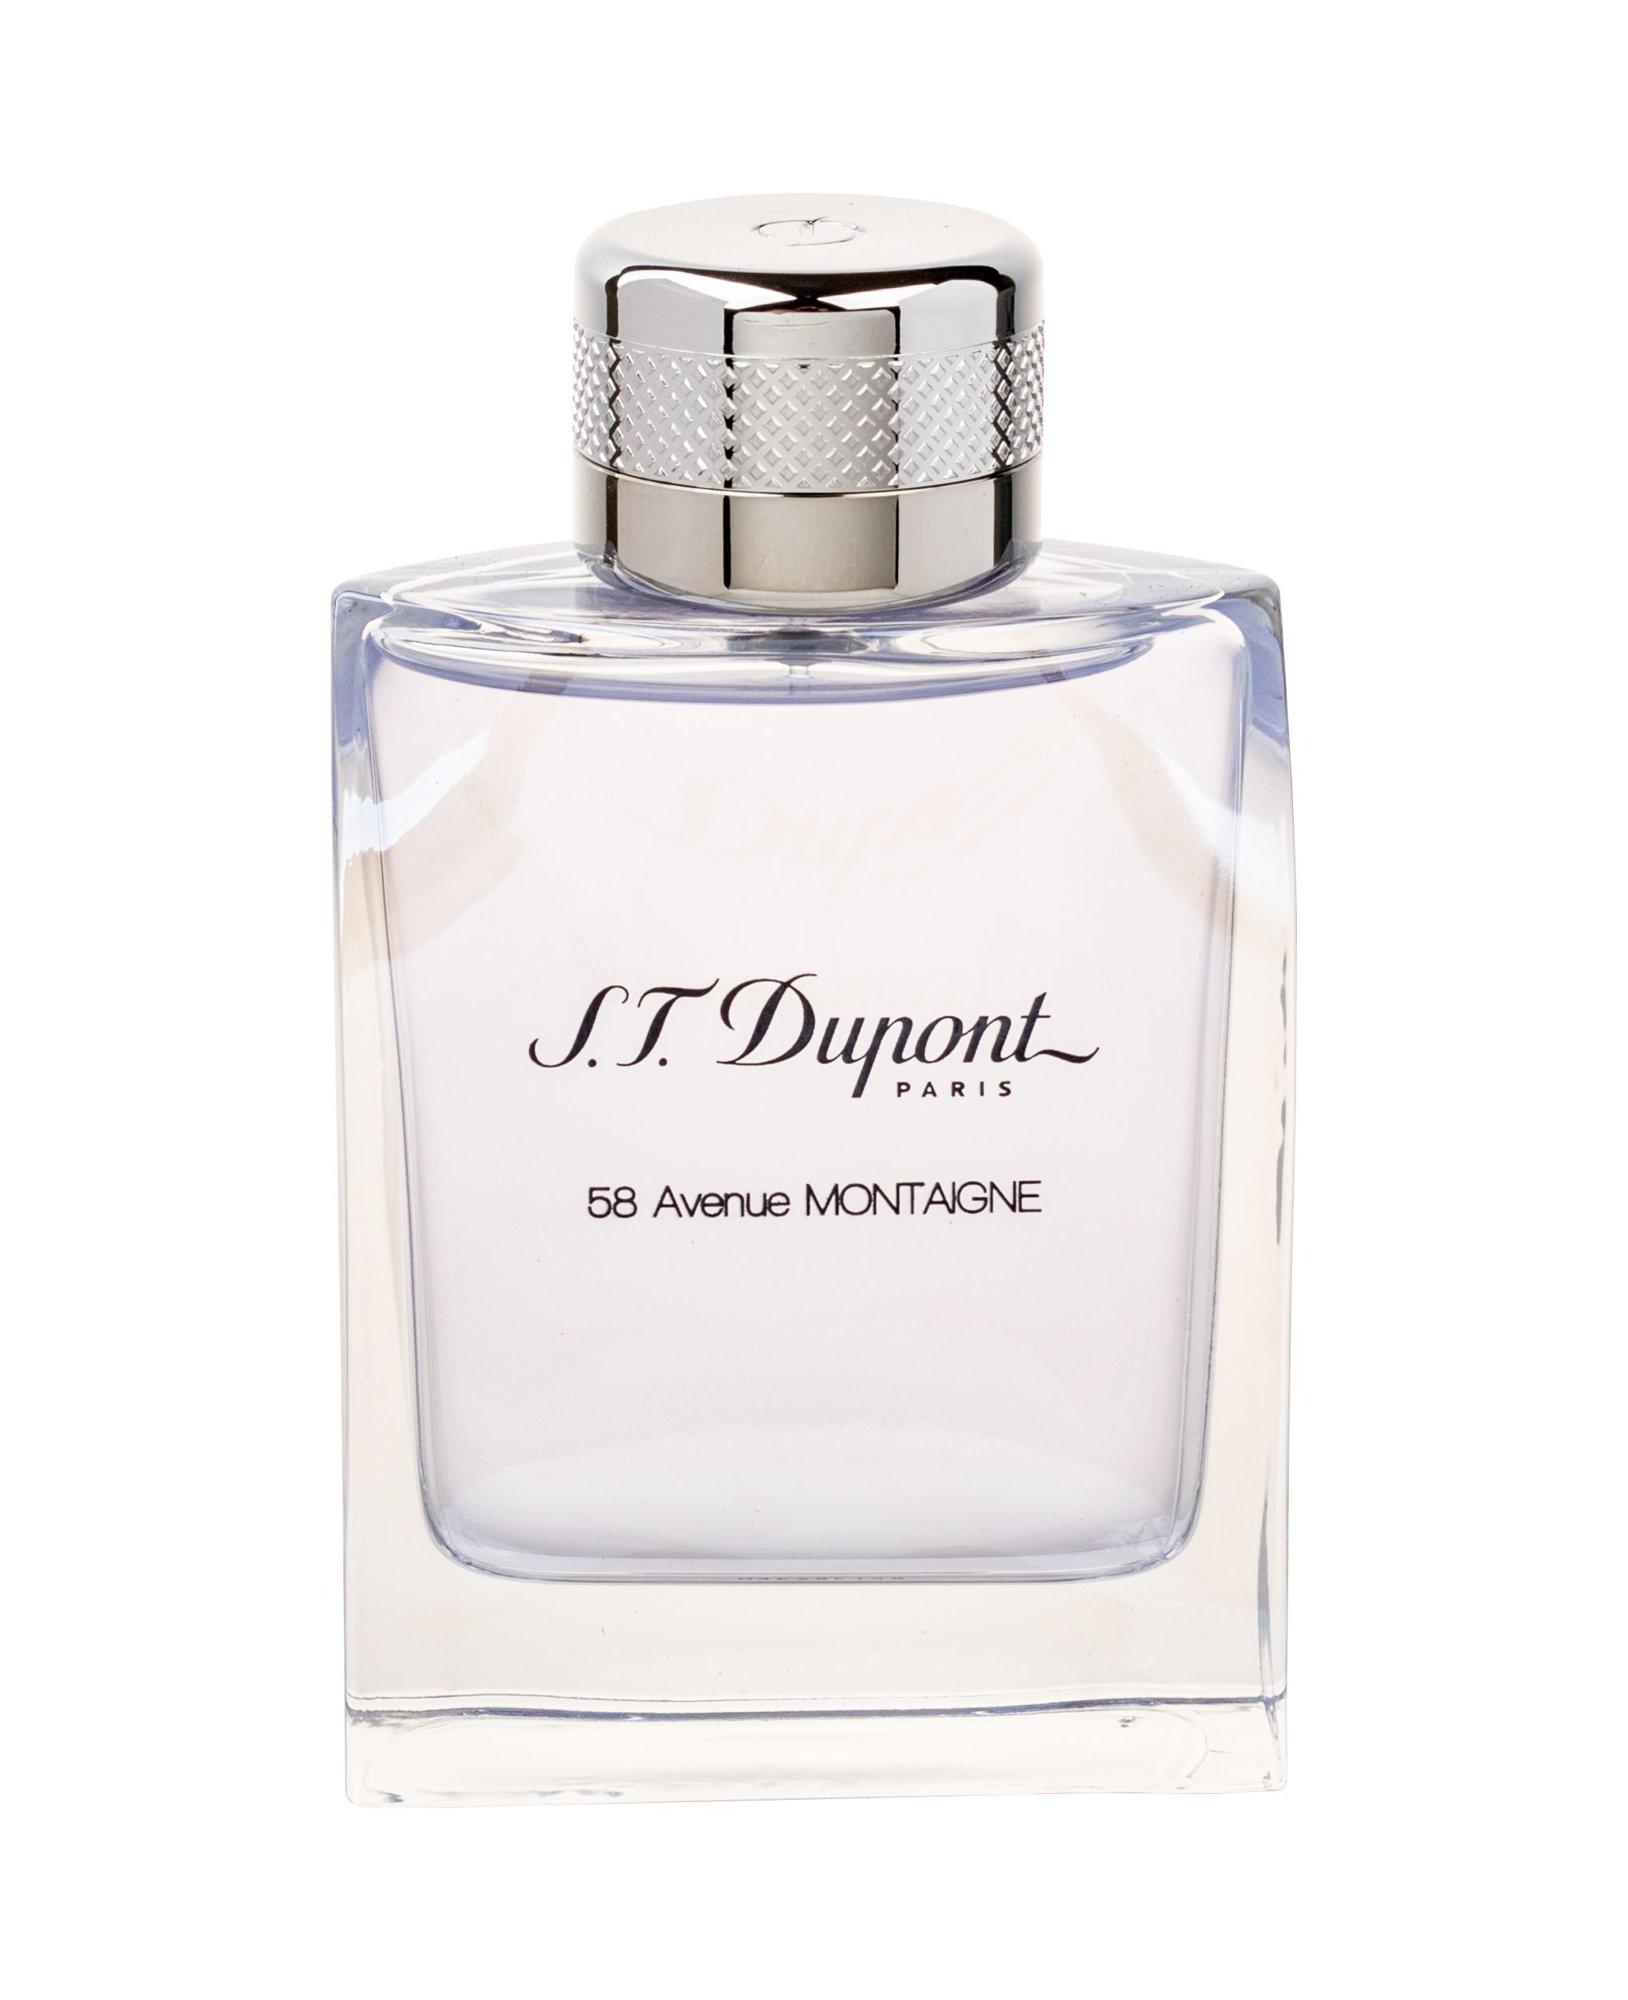 S.T. Dupont 58 Avenue Montaigne Pour Homme Eau de Toilette 100ml